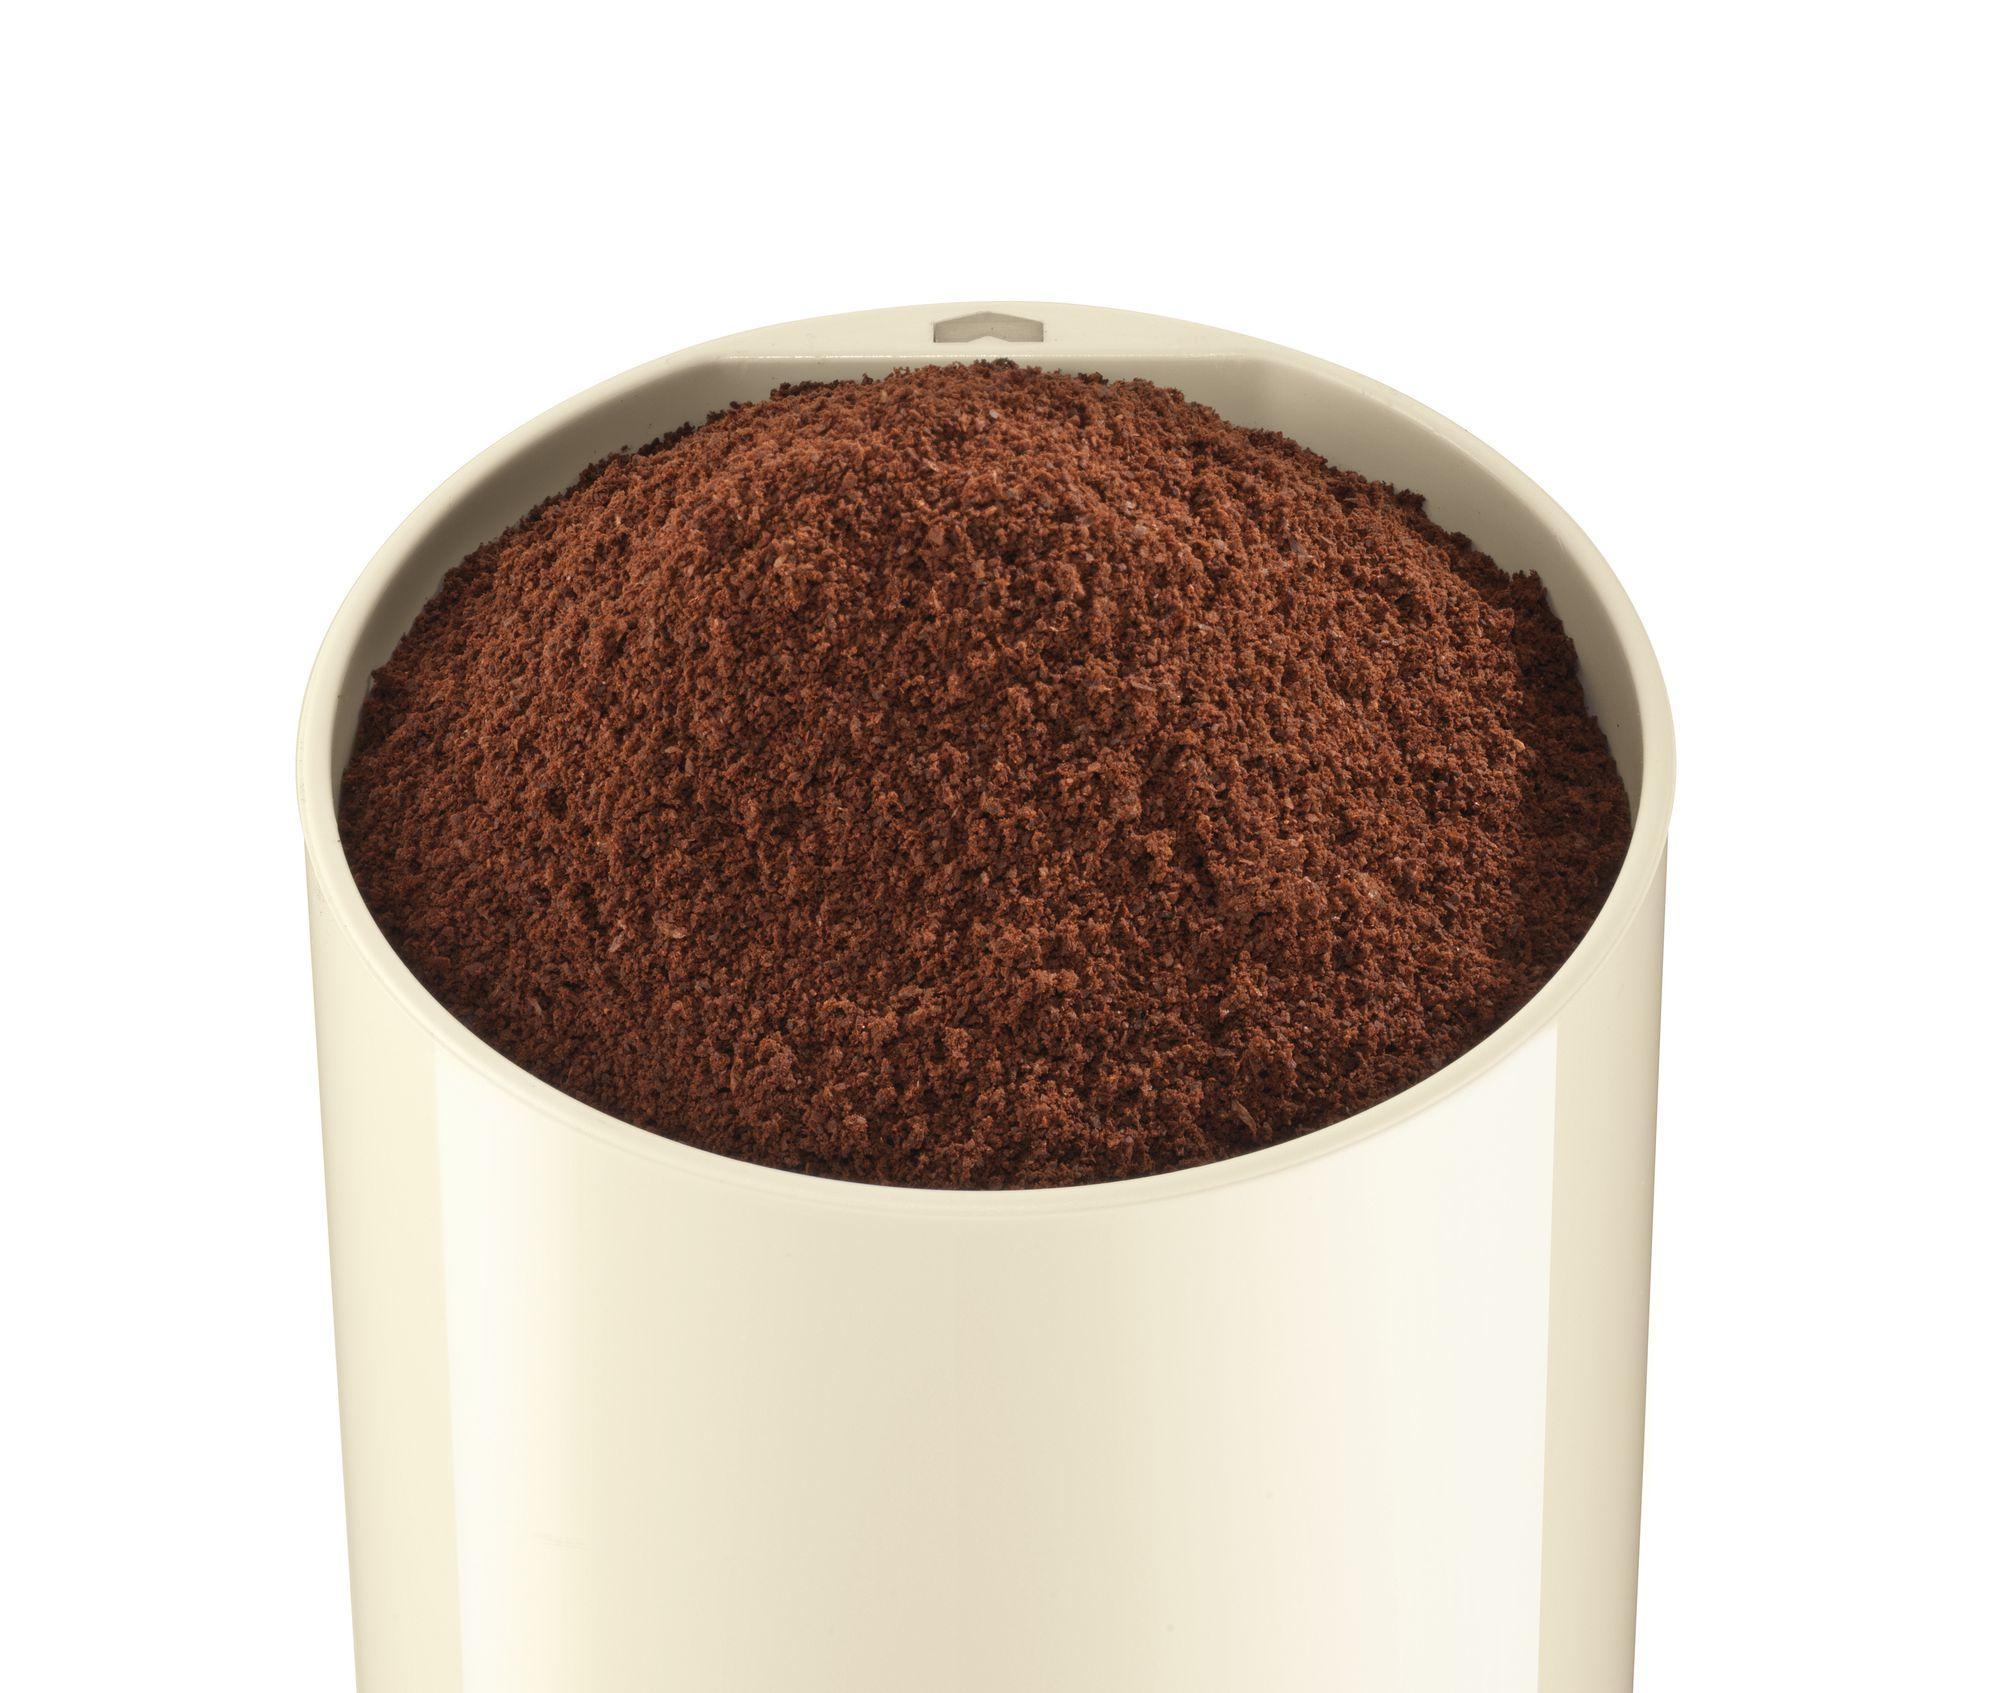 TSM6A017C appareil à moudre le café Moulin à café Crème 180 W